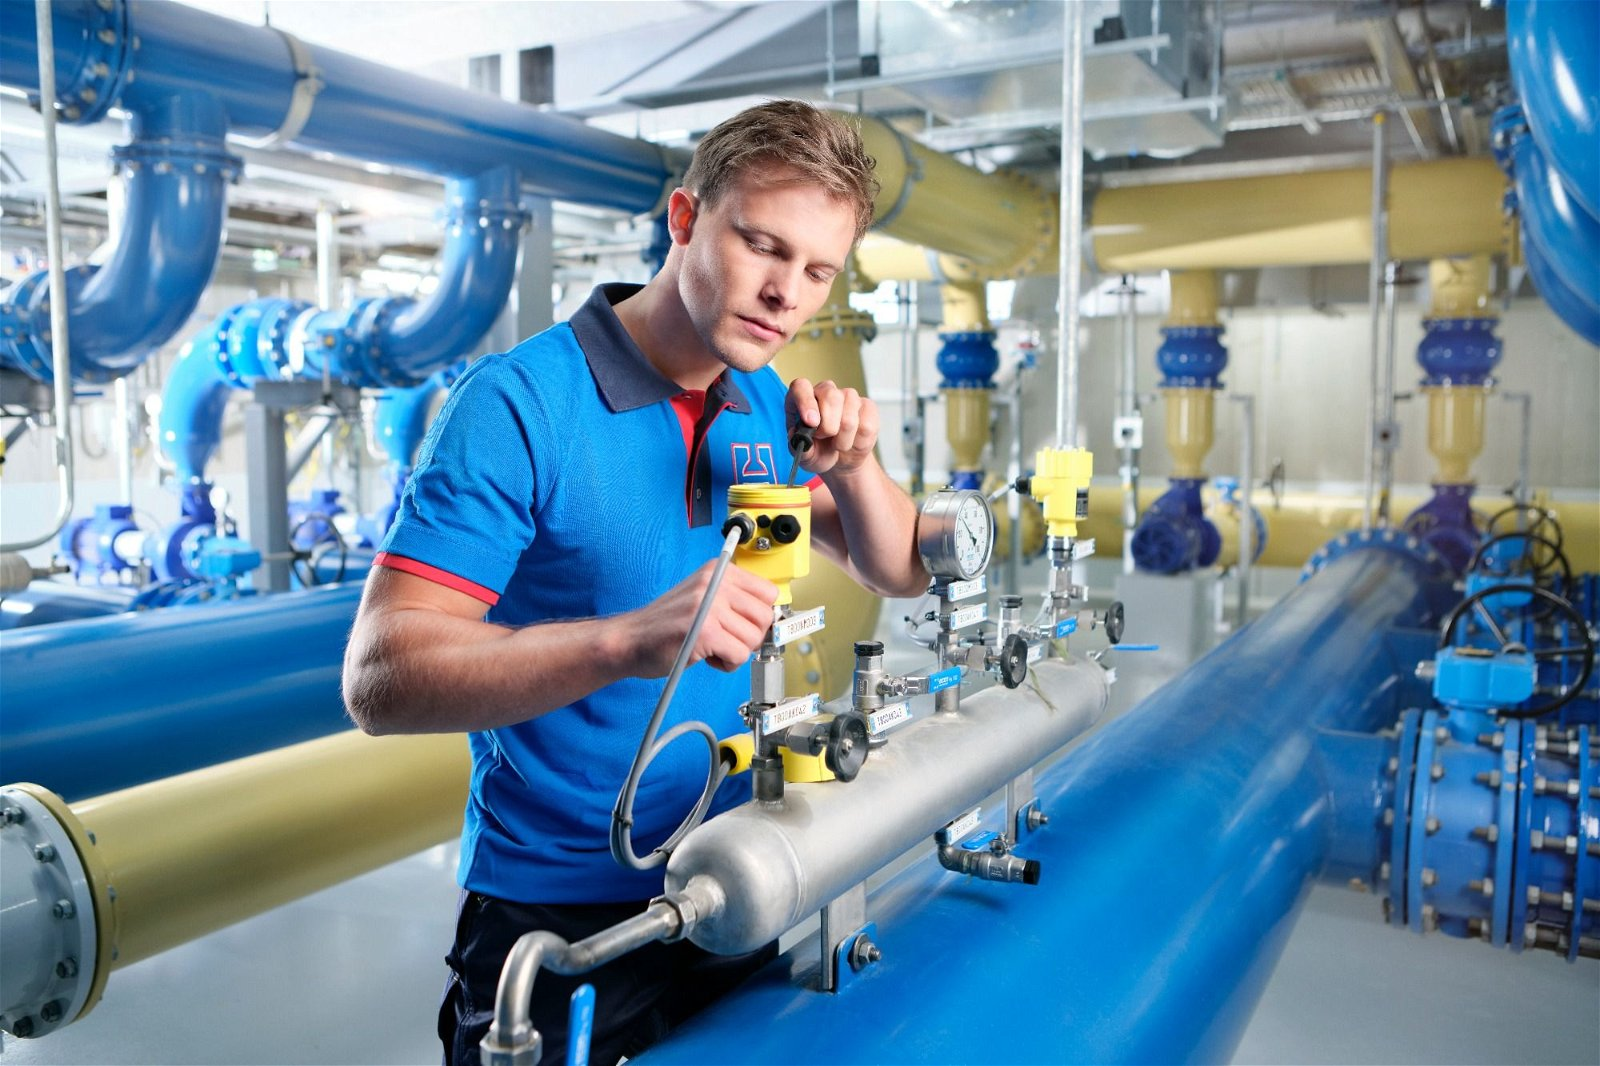 De belangrijkste aspecten van een drinkwaterzuiveringsinstallatie zijn kwaliteit en leverbetrouwbaarheid.